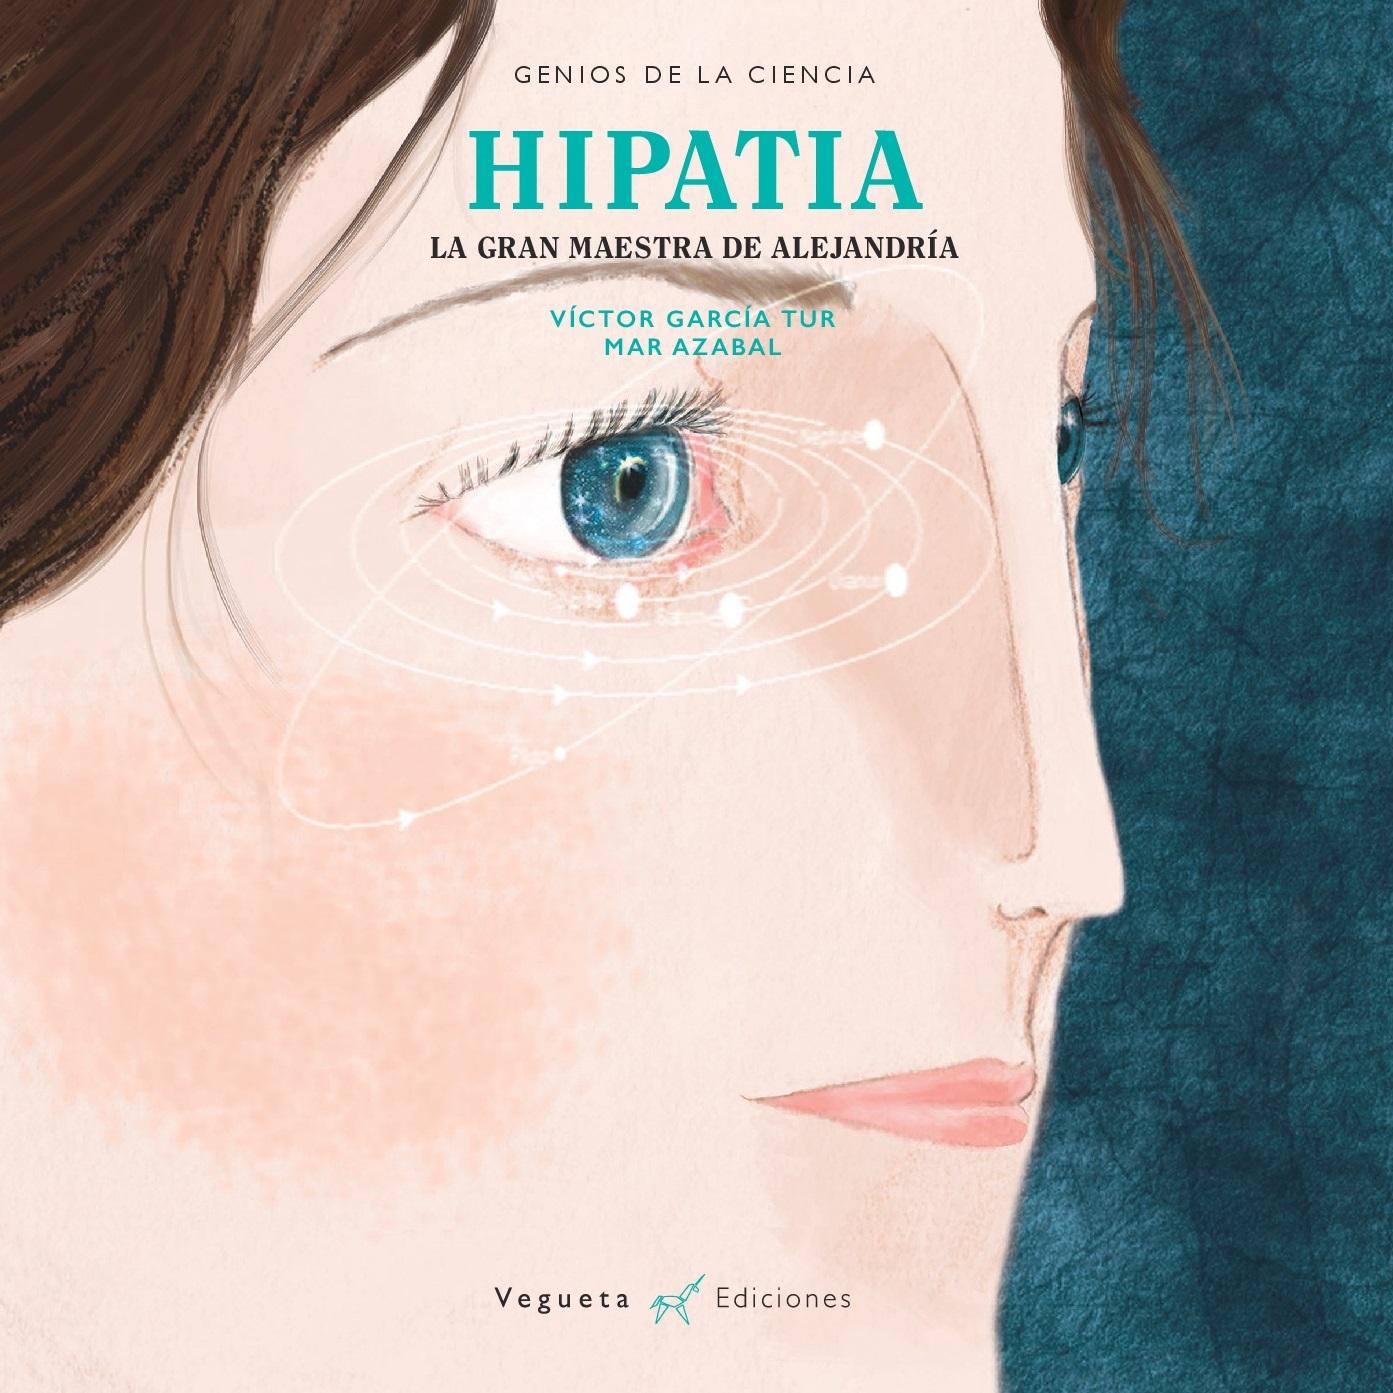 HIPATIA «LA GRAN MAESTRA DE ALEJANDRÍA»